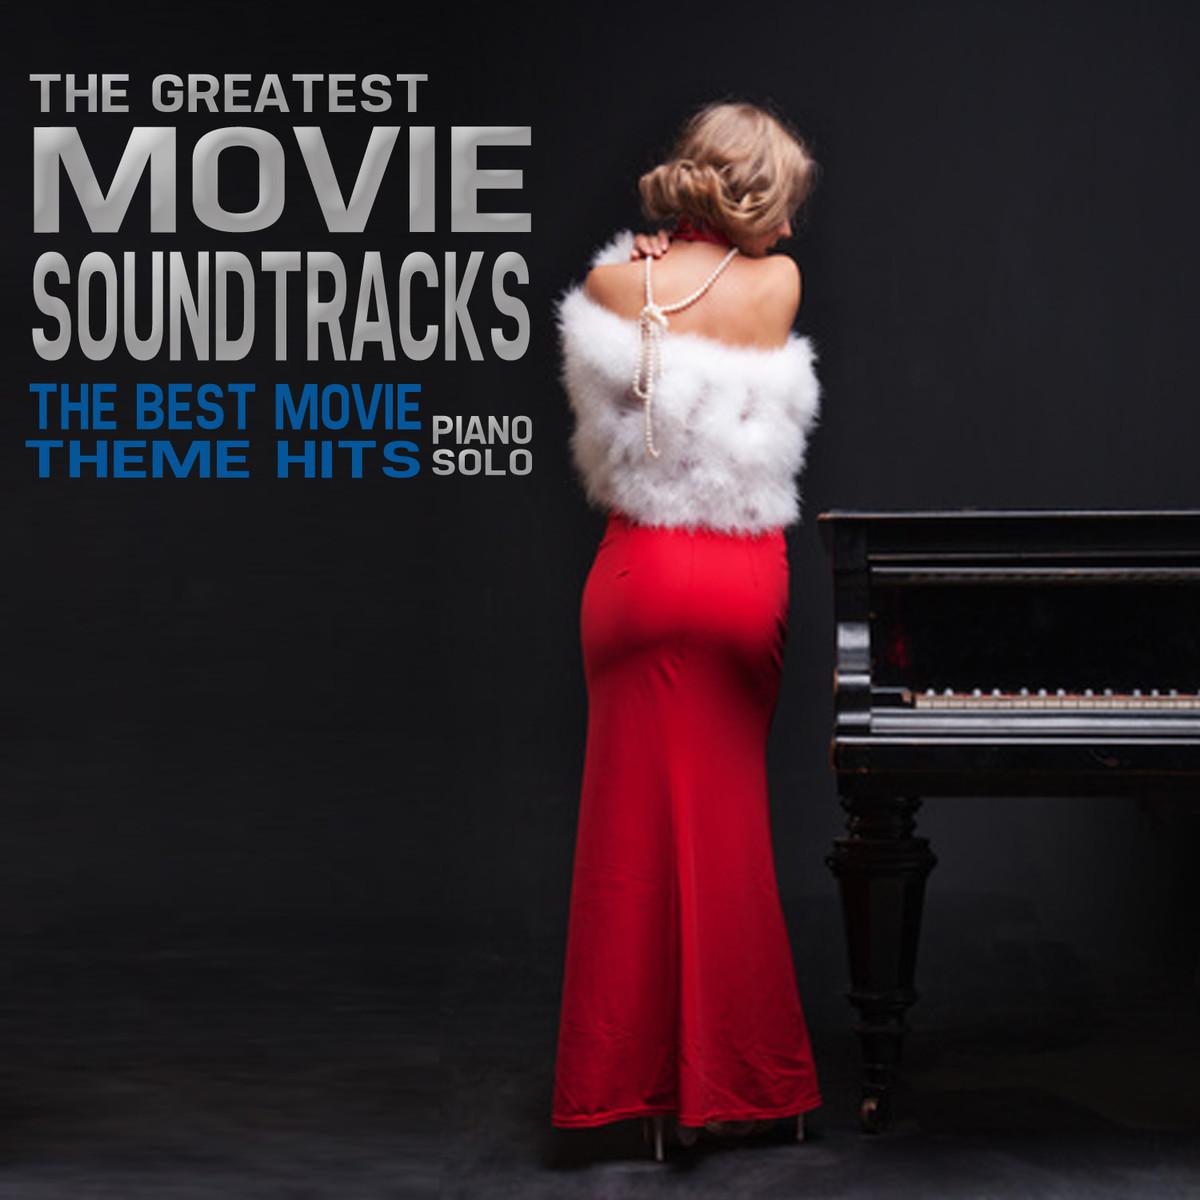 colonne-sonore-solo-piano-release-completa